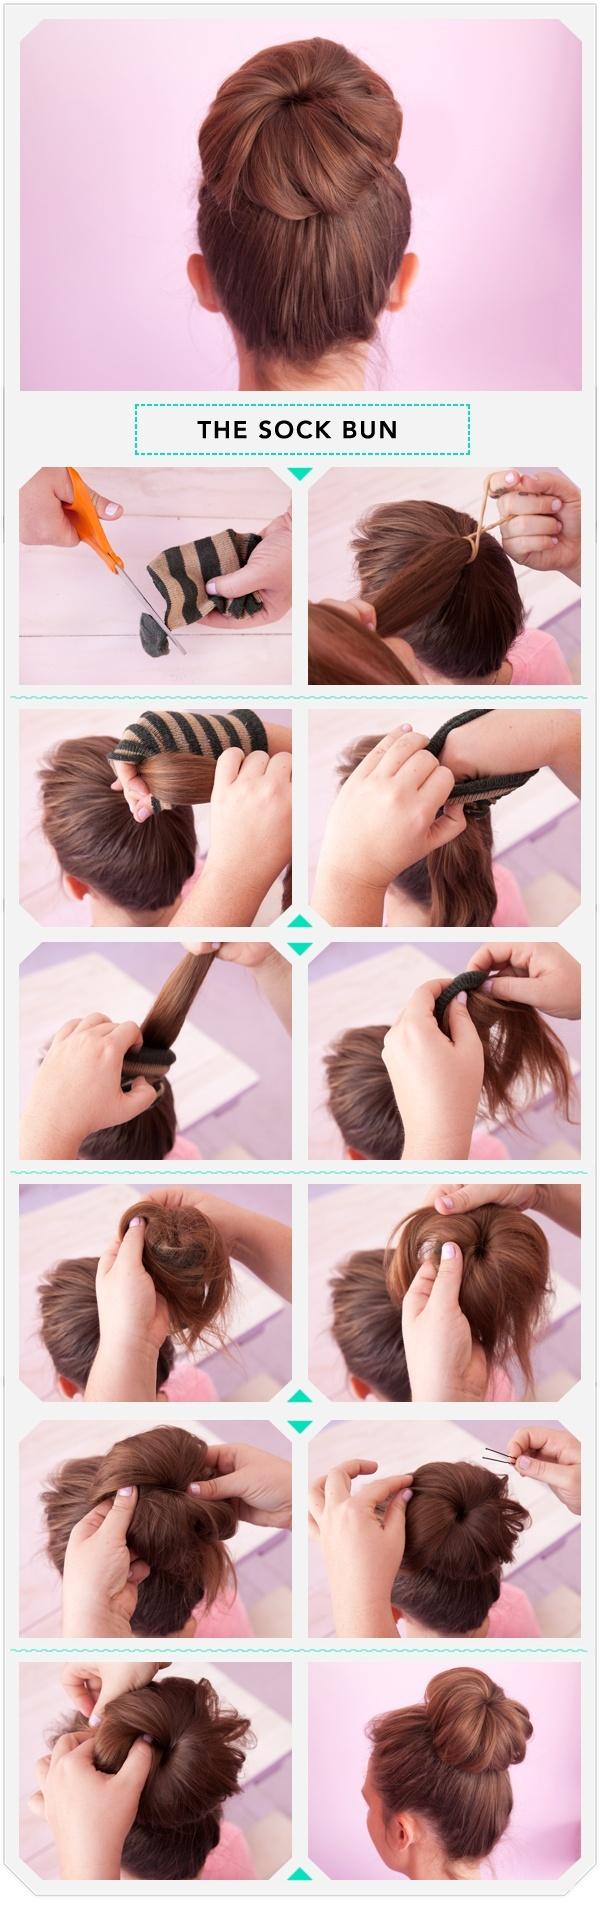 How to do a sock bun